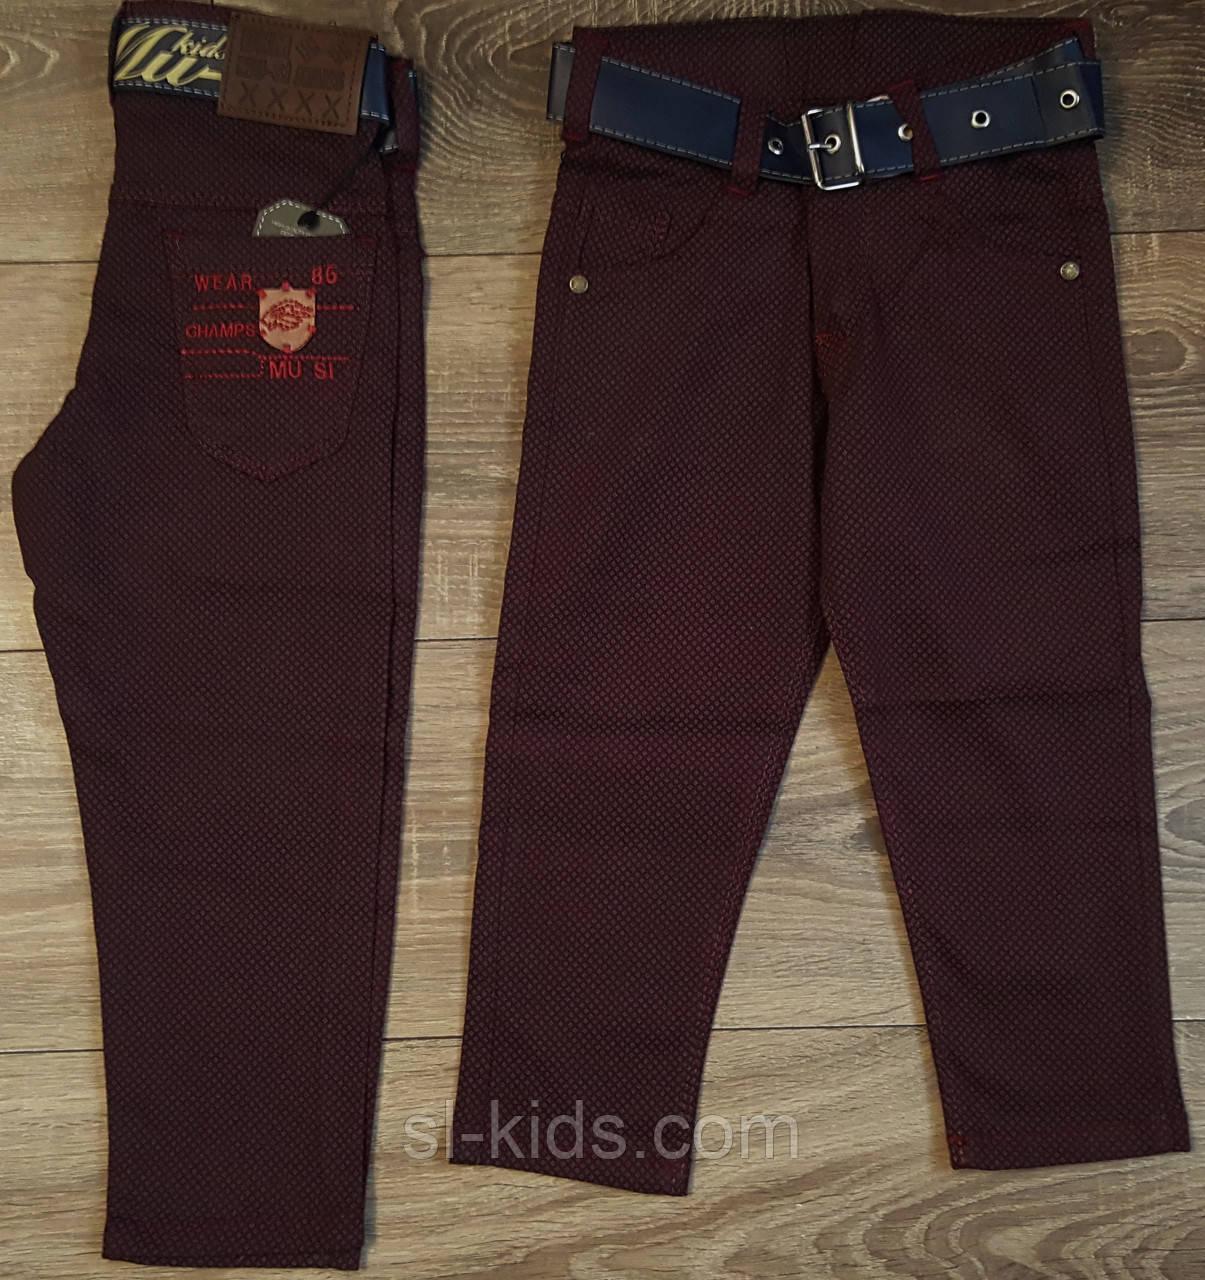 Стильные штаны,джинсы для мальчика 2-6 лет(бордо точка) опт пр.Турция